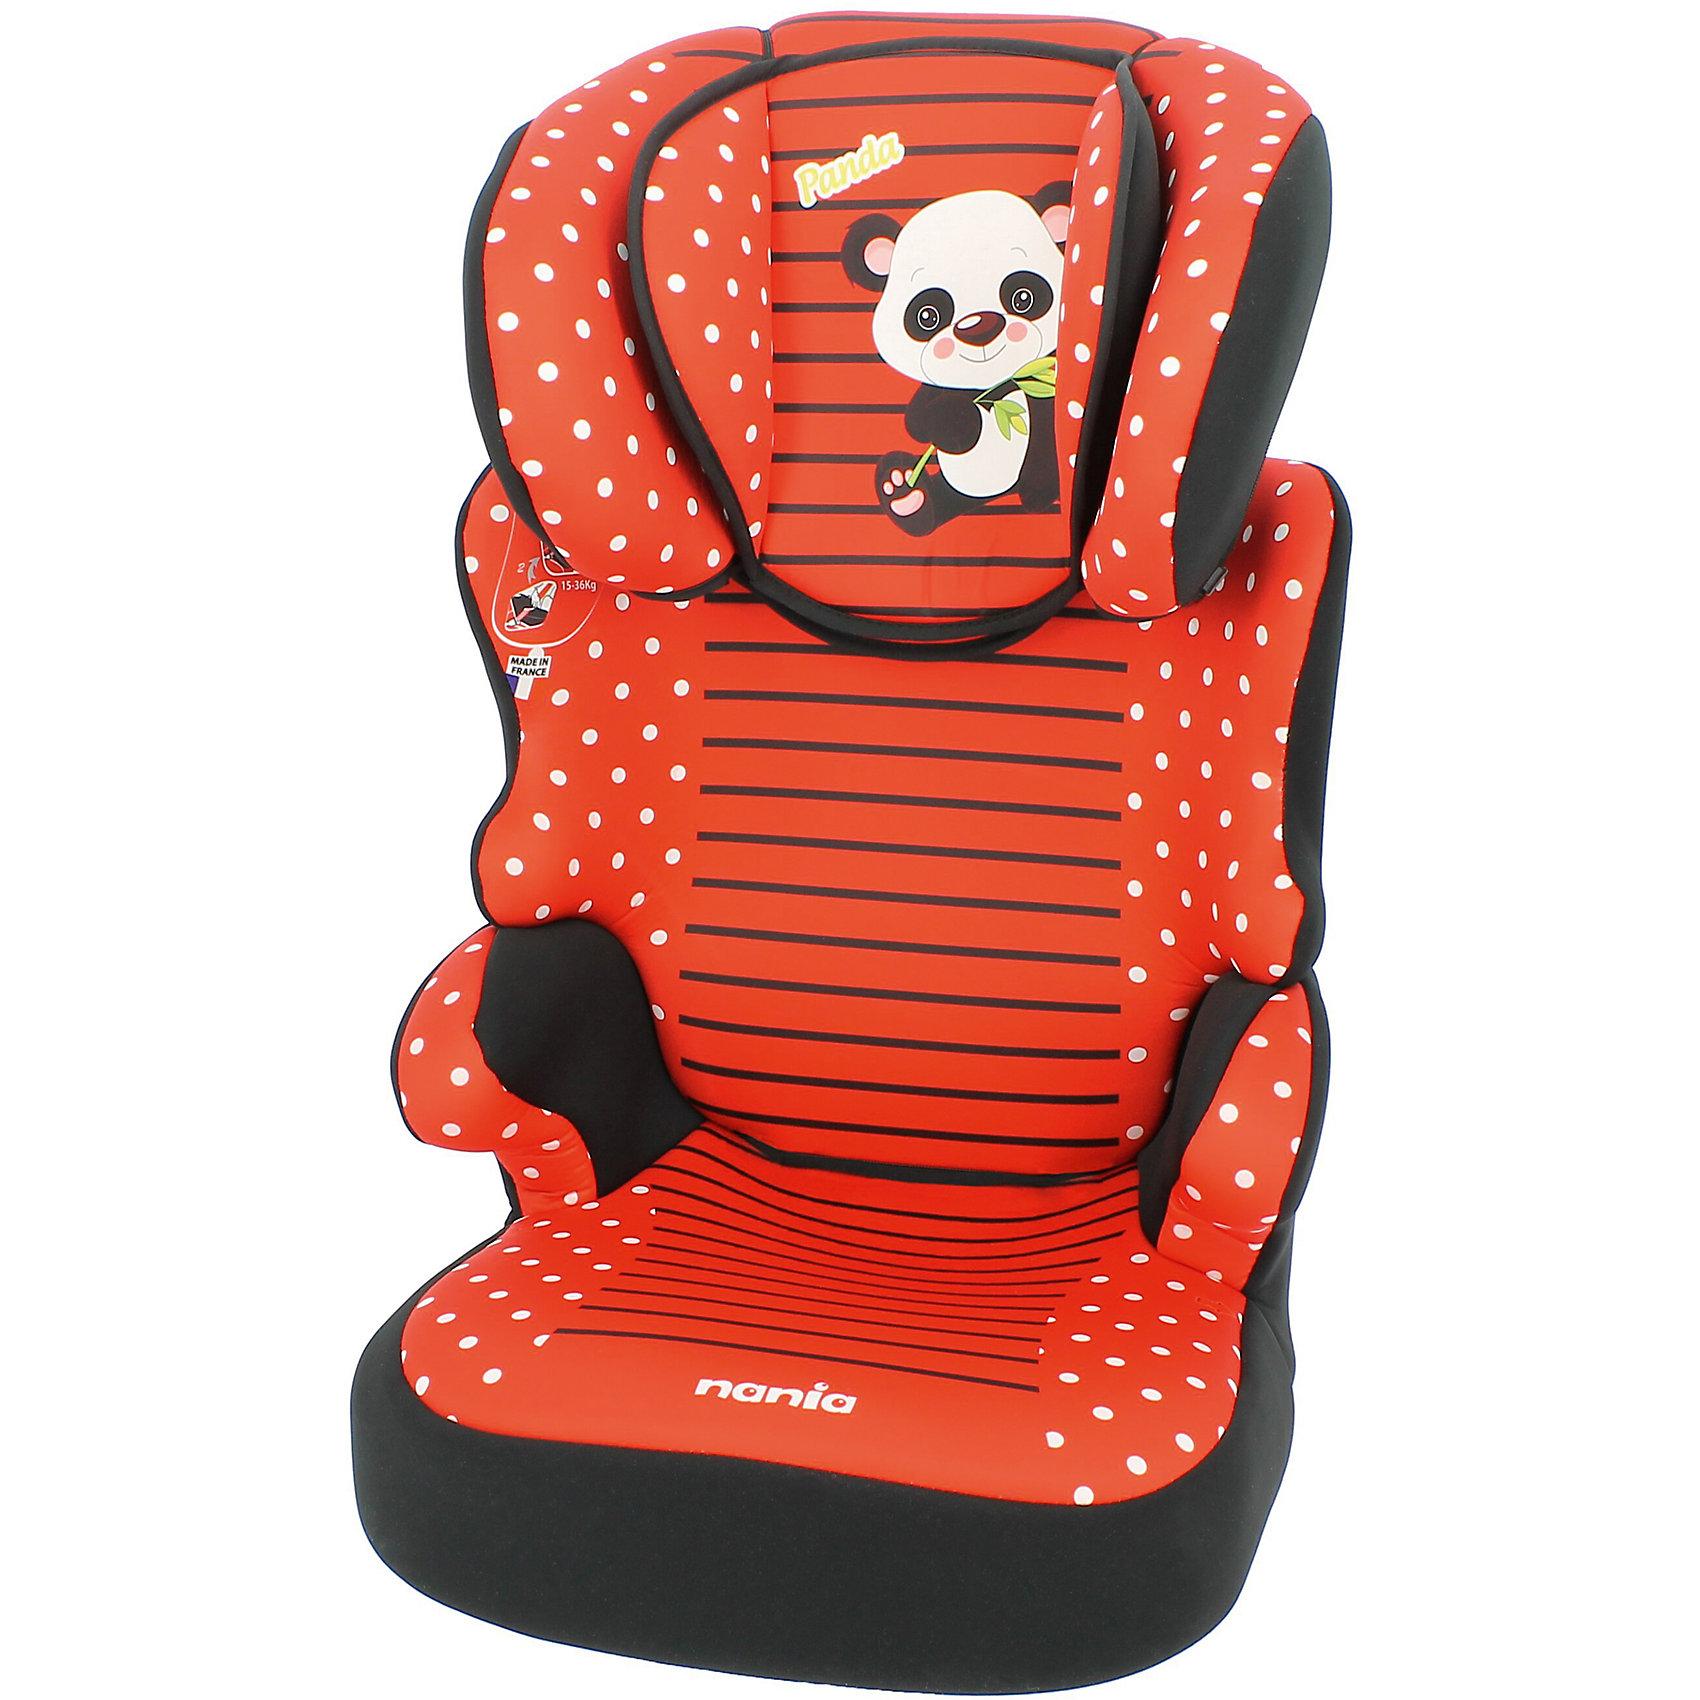 Автокресло Befix SP, 15-36 кг., Nania, panda redХарактеристики автокресла Nania Befix SP:<br><br>• группа 2-3;<br>• вес ребенка: 15-36 кг;<br>• возраст ребенка: от 3 до 12 лет;<br>• способ установки: по ходу движения автомобиля;<br>• способ крепления: штатными ремнями безопасности автомобиля;<br>• регулируемая высота подголовника: 6 положений;<br>• дополнительная защита от боковых ударов, система SP – Side Protection;<br>• подлокотники, широкие боковинки, дополнительная подушечка;<br>• возможность использовать автокресло как бустер – спинка снимается;<br>• съемные чехлы, стирка при температуре 30 градусов;<br>• материал: пластик, полиэстер;<br>• стандарт безопасности: ECE R44/04.<br><br>Размер автокресла: 45х45х72/88 см<br>Размер сиденья: 34х30 см<br>Высота спинки: 64-75 см<br>Вес автокресла: 4,7 кг<br><br>Безопасно путешествовать с ребенком на автомобиле позволяет автокресло. Для детей от 3 до 12 лет используется автокресло Nania Befix SP. Брендовое оформление, соответствие стандартам качества, дополнительные элементы для комфортного пребывания ребенка в автокресле. <br><br>Автокресло Befix SP, 15-36 кг., Nania, panda red можно купить в нашем интернет-магазине.<br><br>Ширина мм: 710<br>Глубина мм: 450<br>Высота мм: 500<br>Вес г: 8780<br>Возраст от месяцев: 36<br>Возраст до месяцев: 144<br>Пол: Женский<br>Возраст: Детский<br>SKU: 5287285